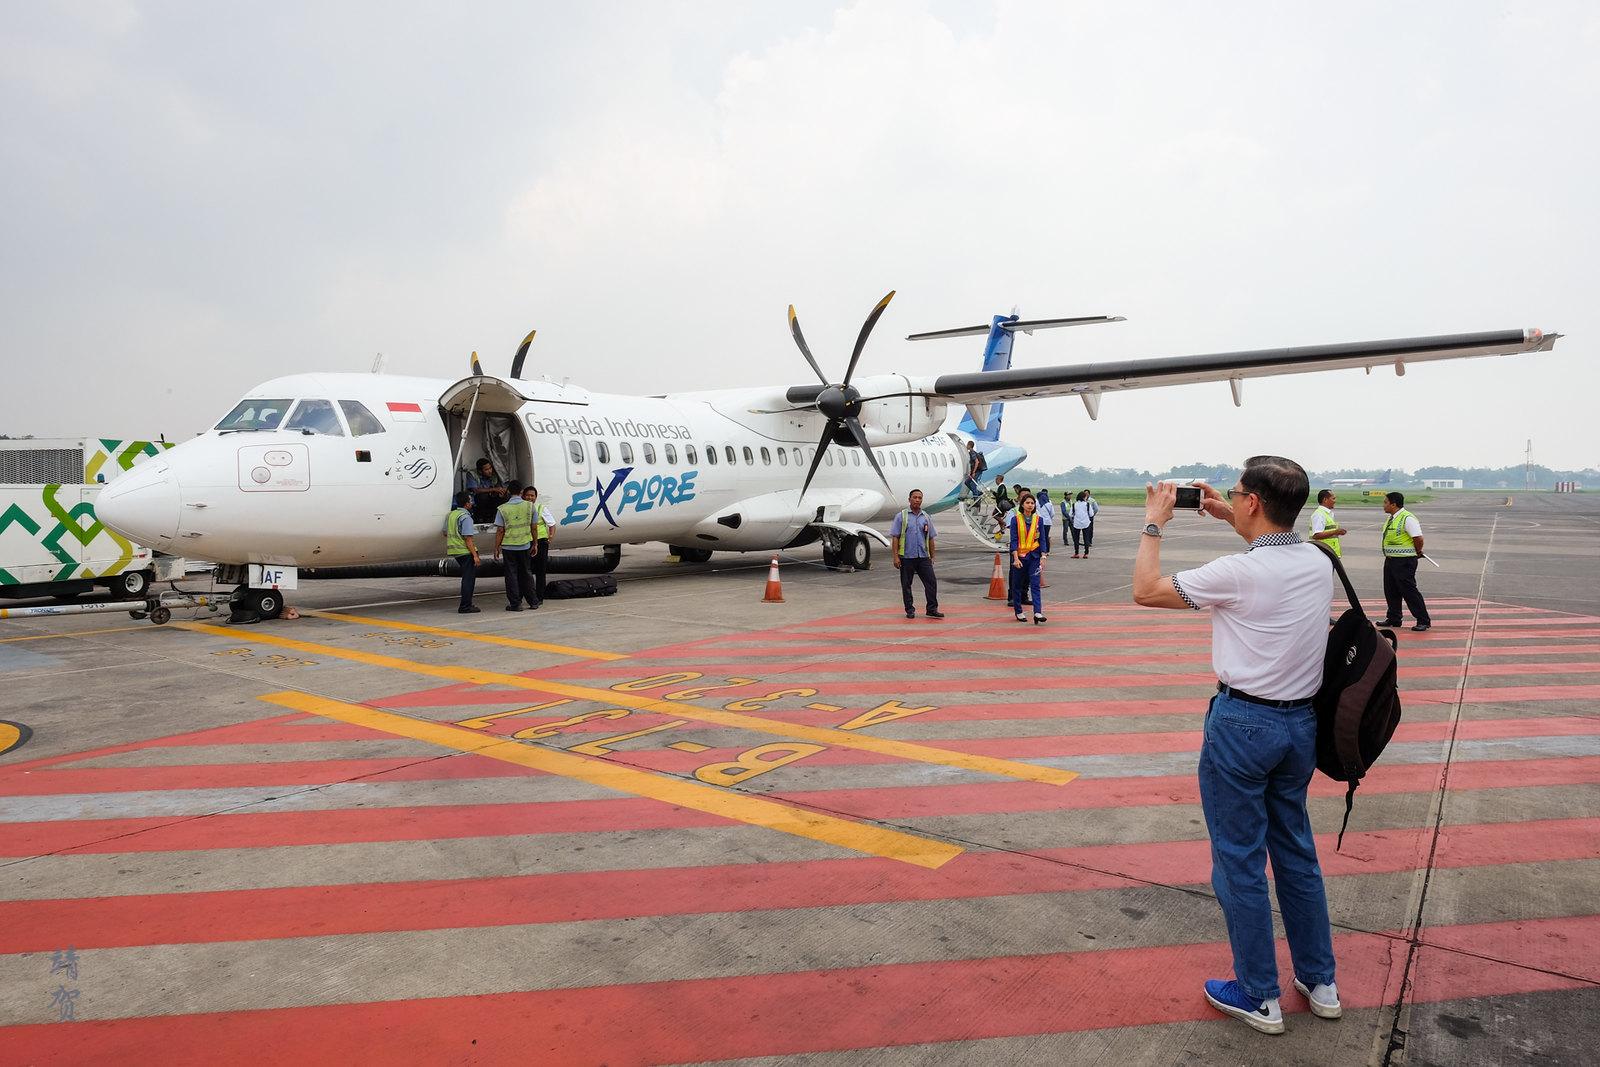 The ATR 72 - 600